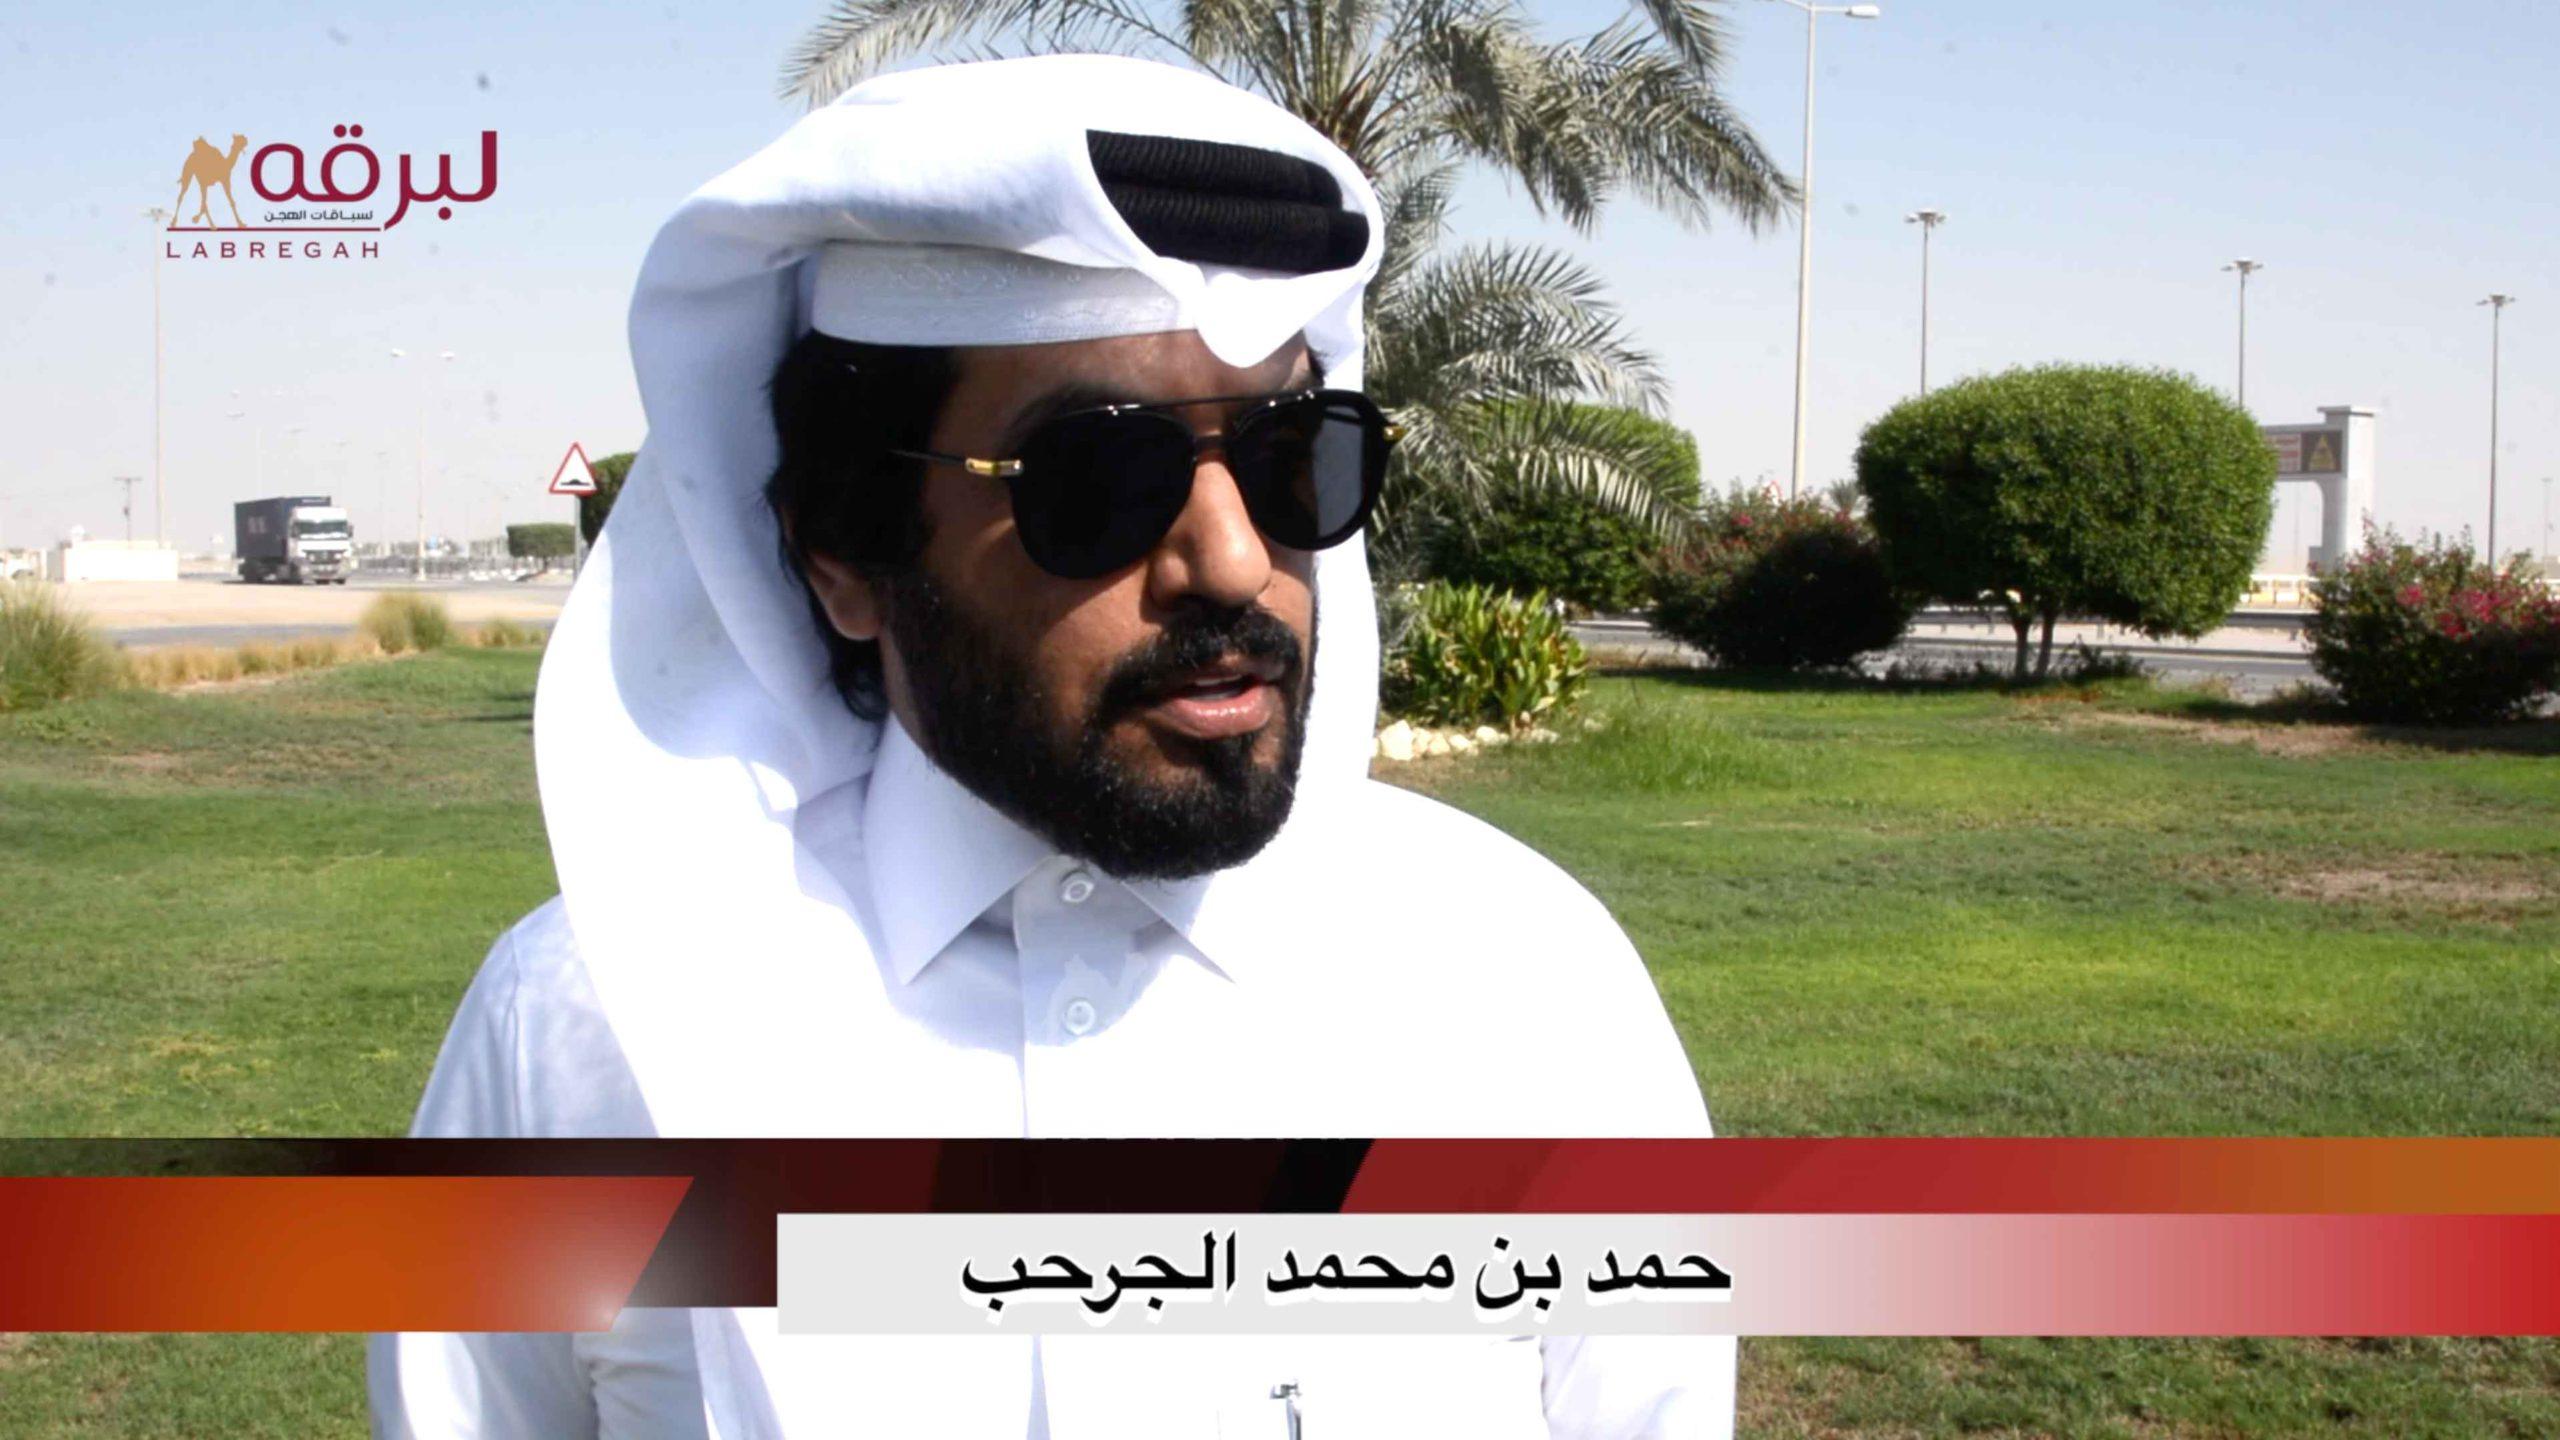 لقاء مع حمد بن محمد الجرحب.. الشوط الرئيسي للحيل المفتوح الأشواط العامة ٢٧-٩-٢٠٢٠